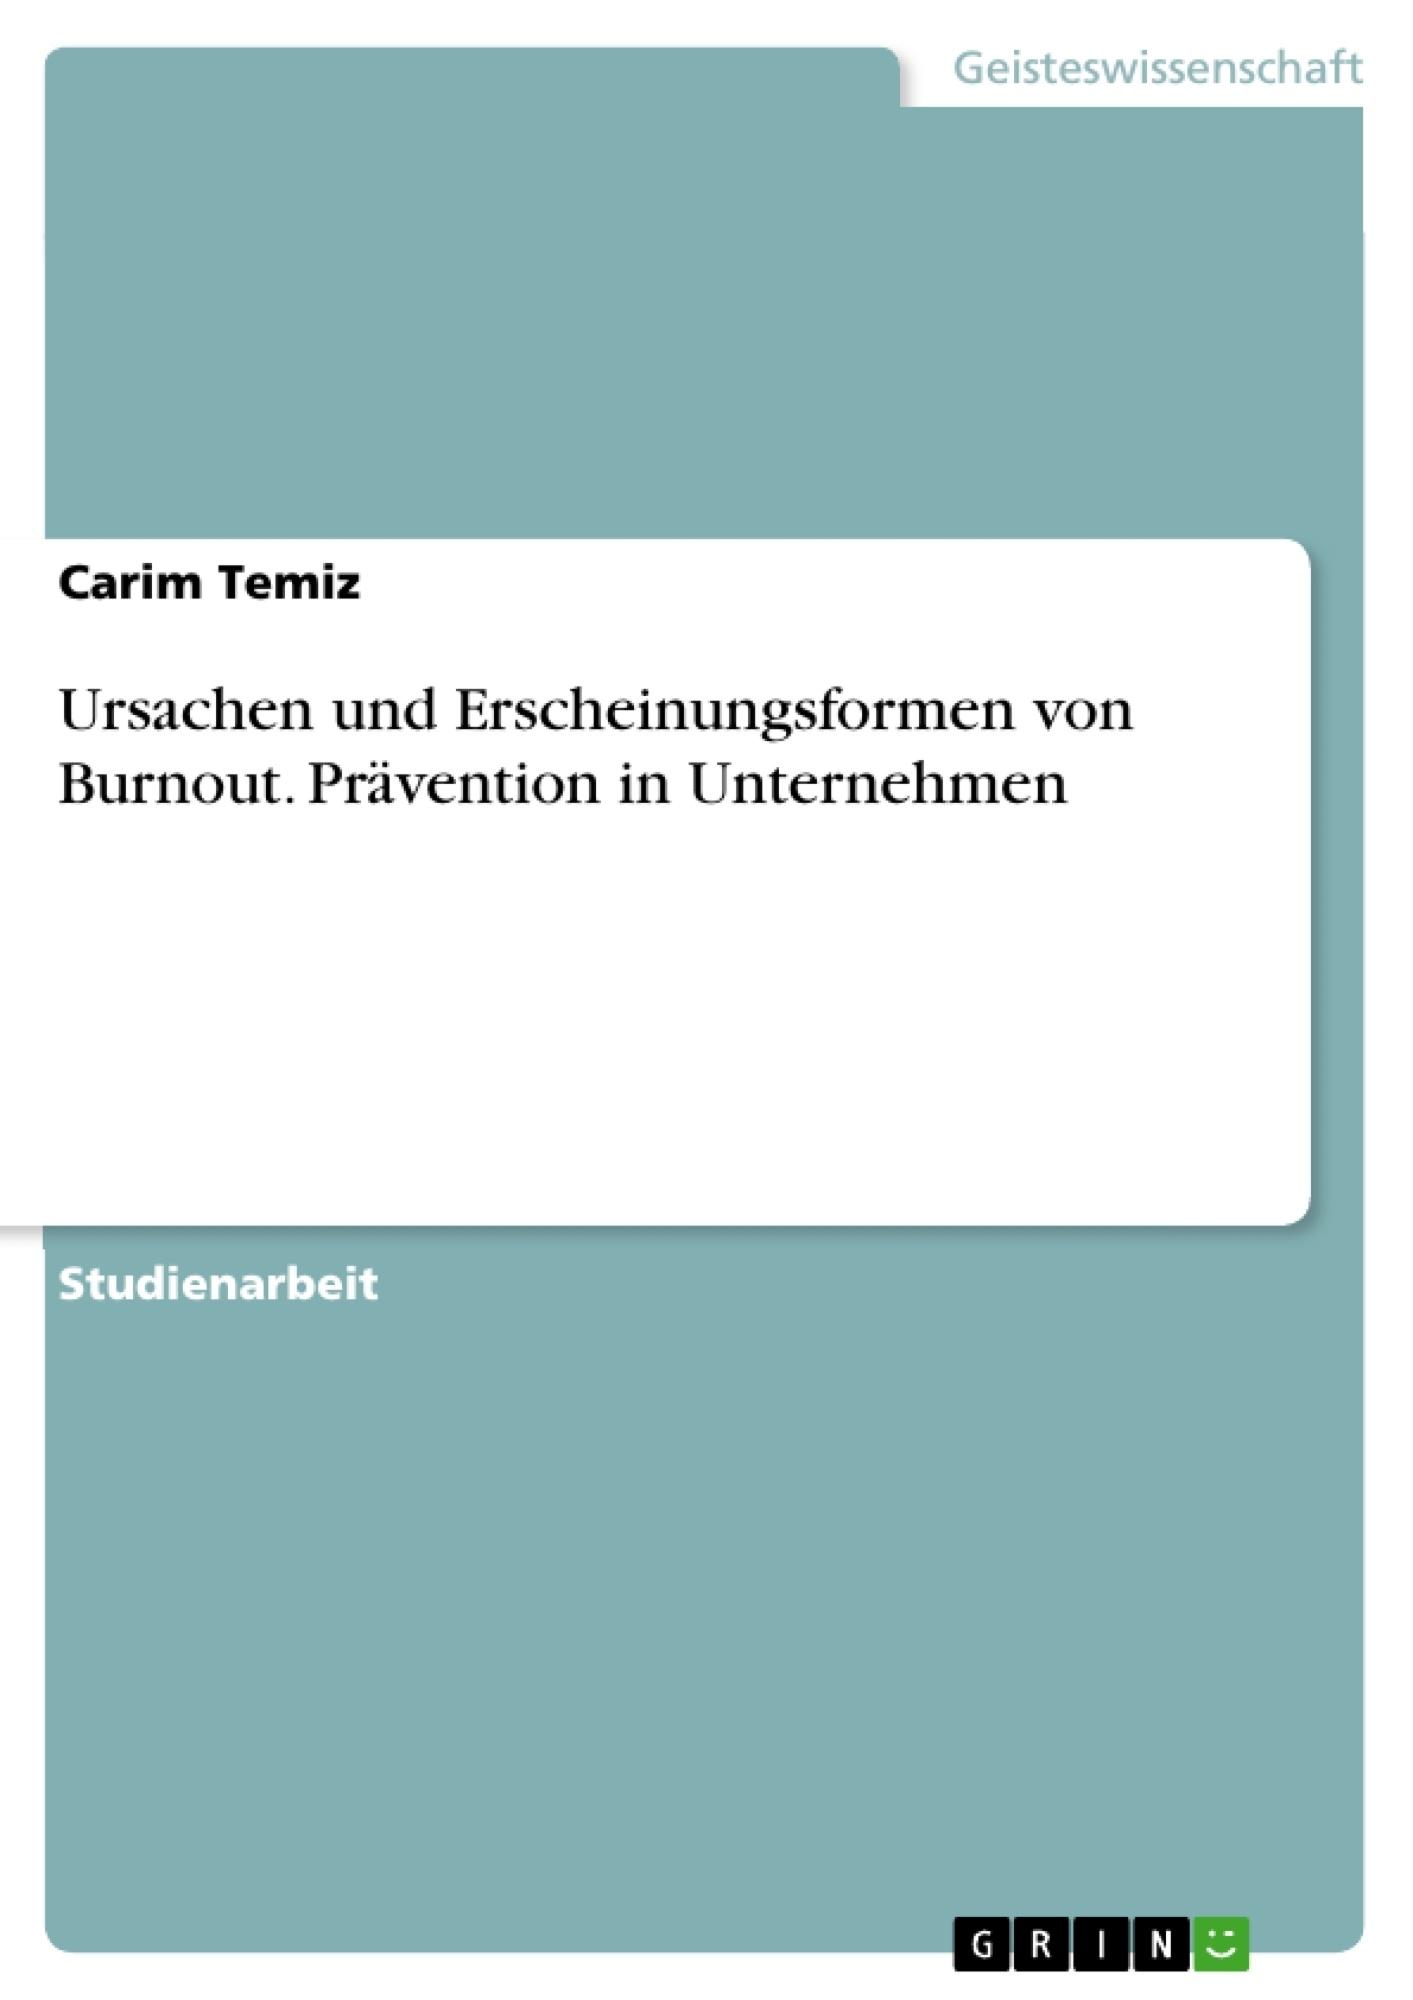 Titel: Ursachen und Erscheinungsformen von Burnout. Prävention in Unternehmen